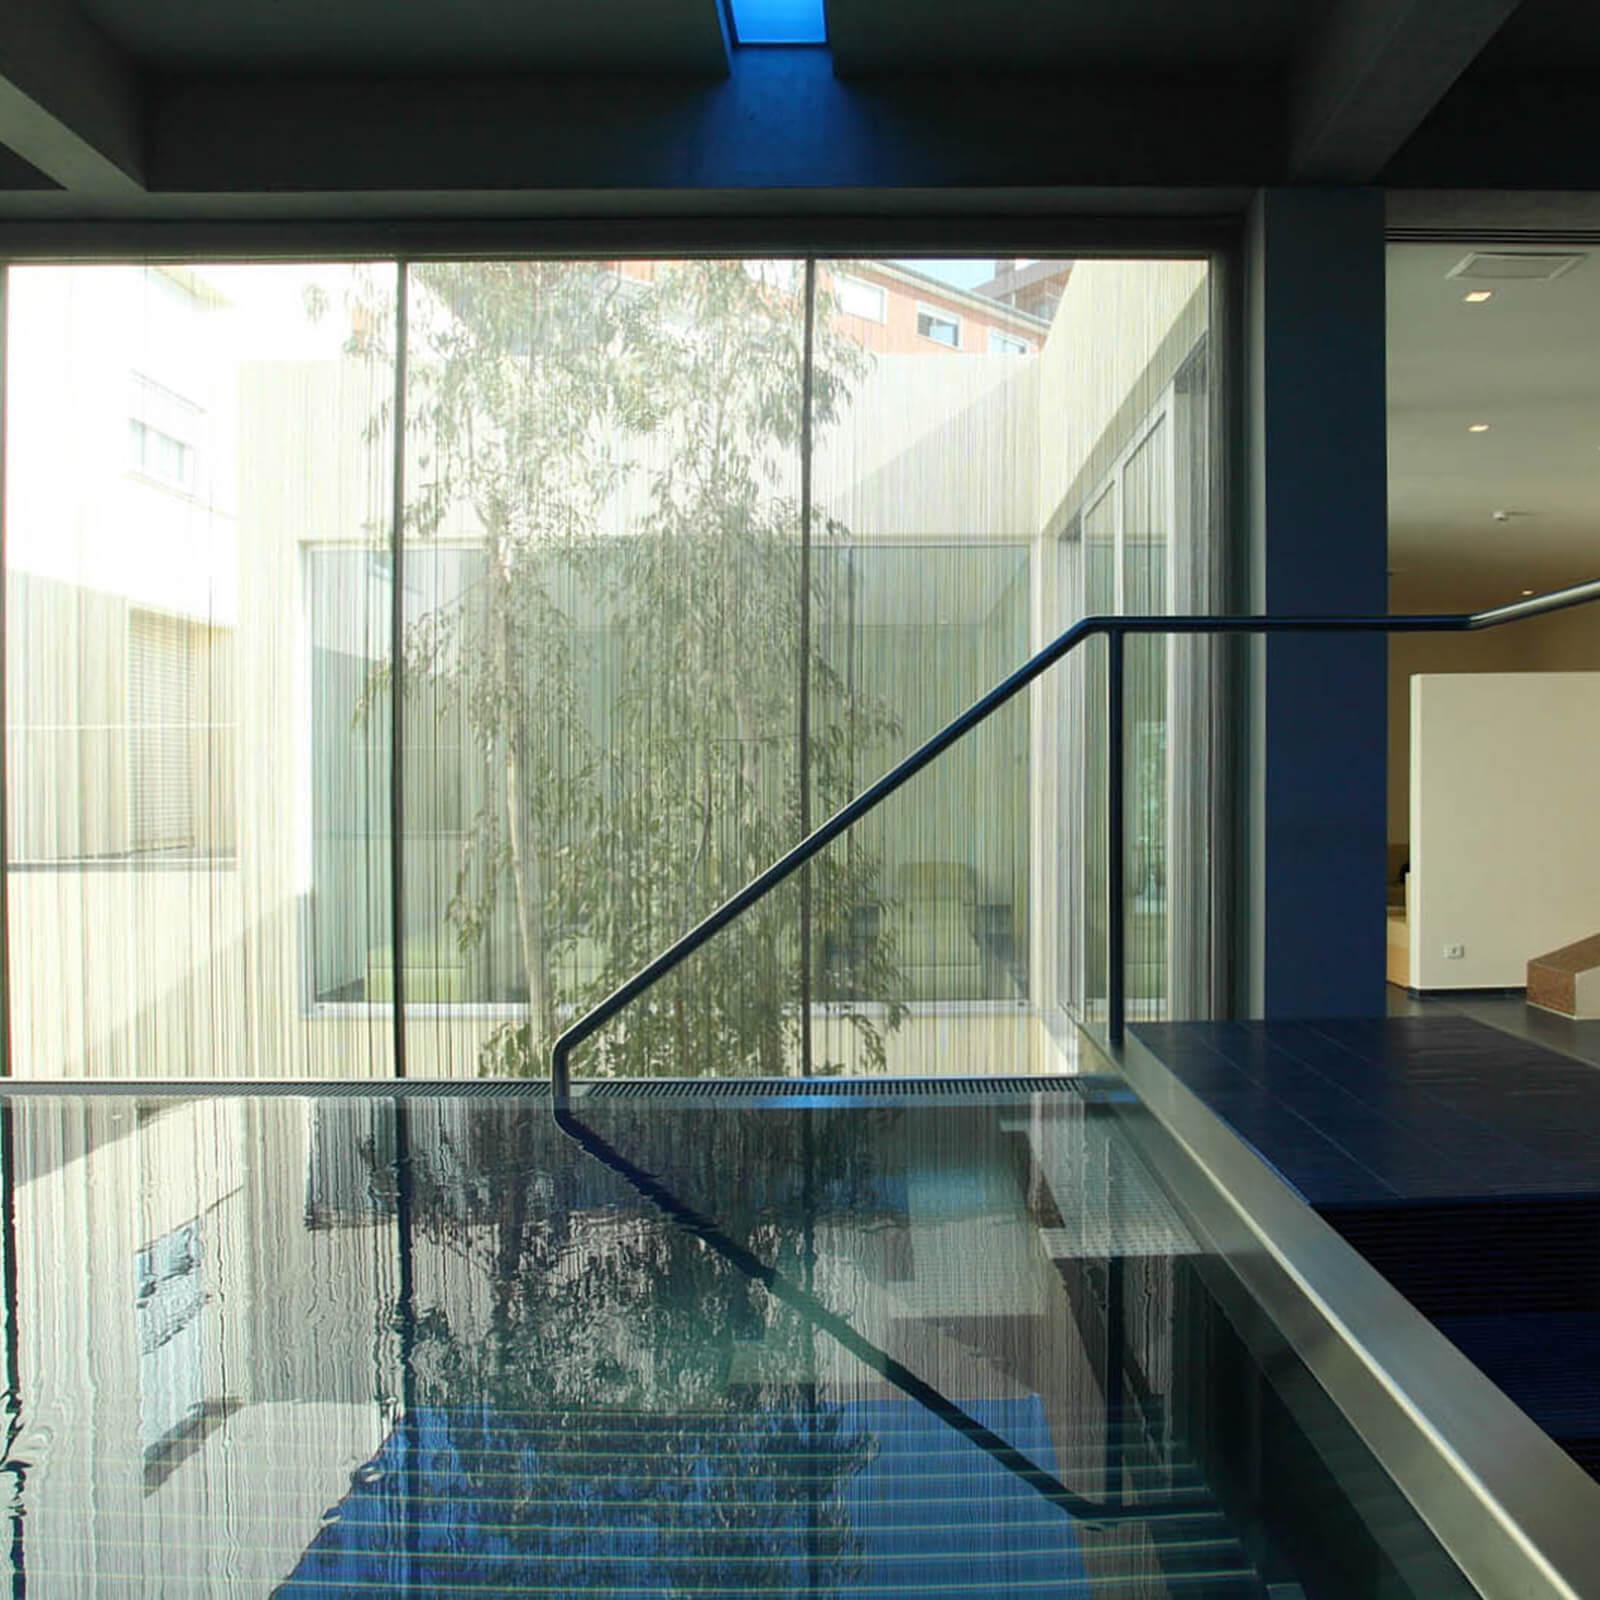 blu-moret-wellness-spa-centro-benessere-udine-piscina-trattamenti